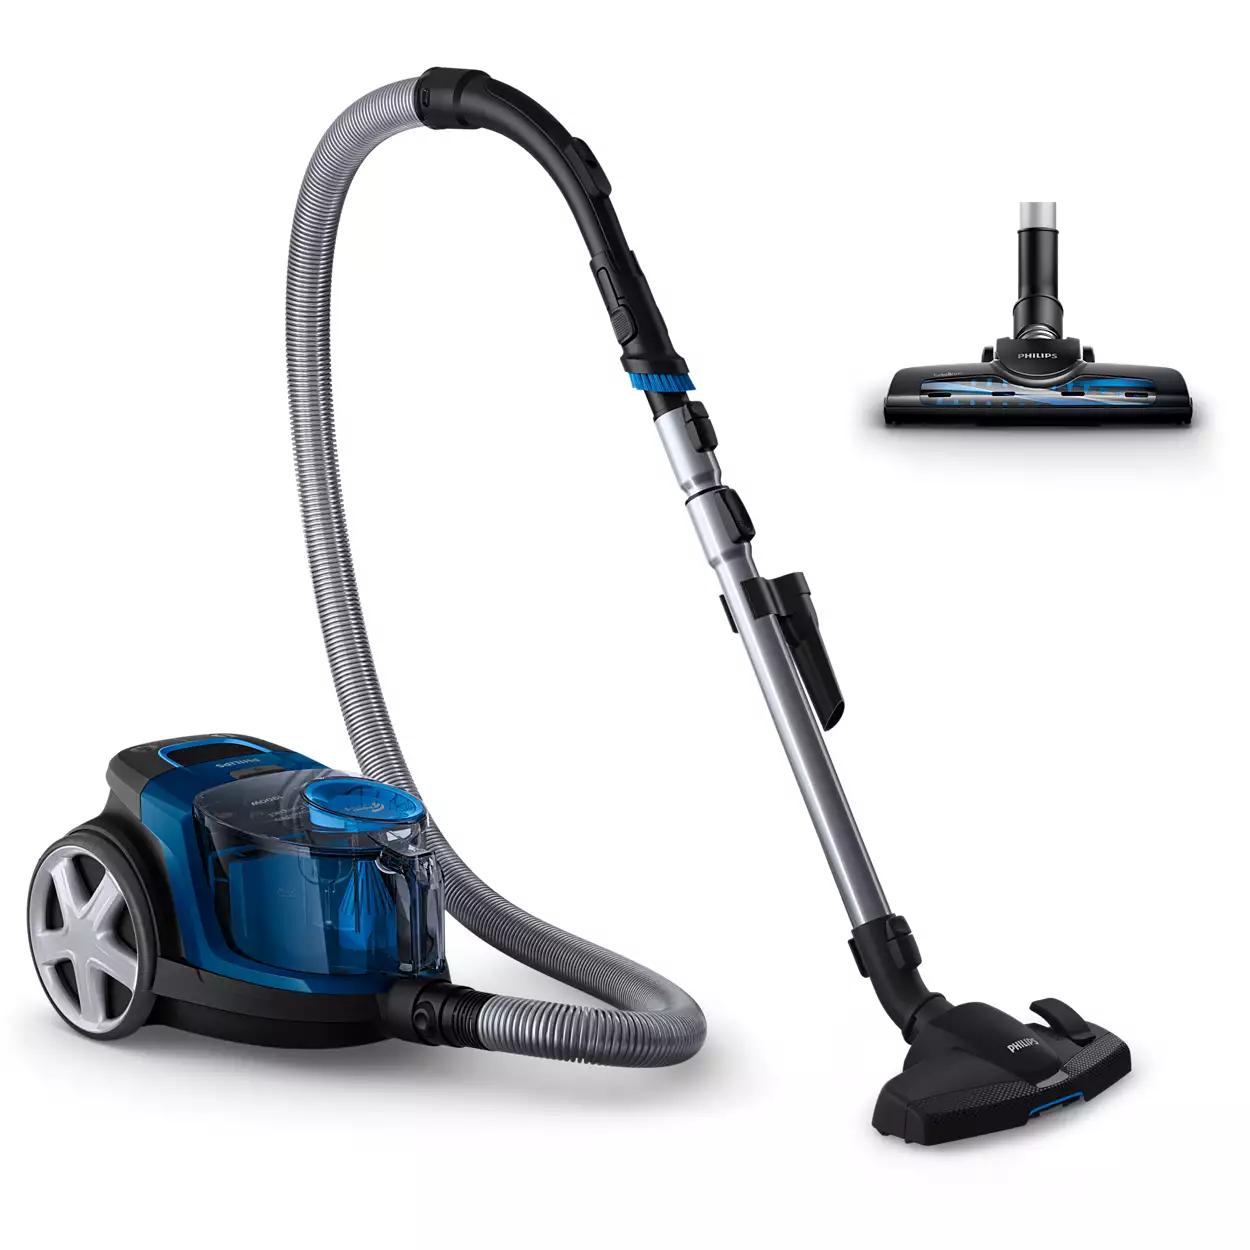 Philips FC9352/61 vacuum cleaner